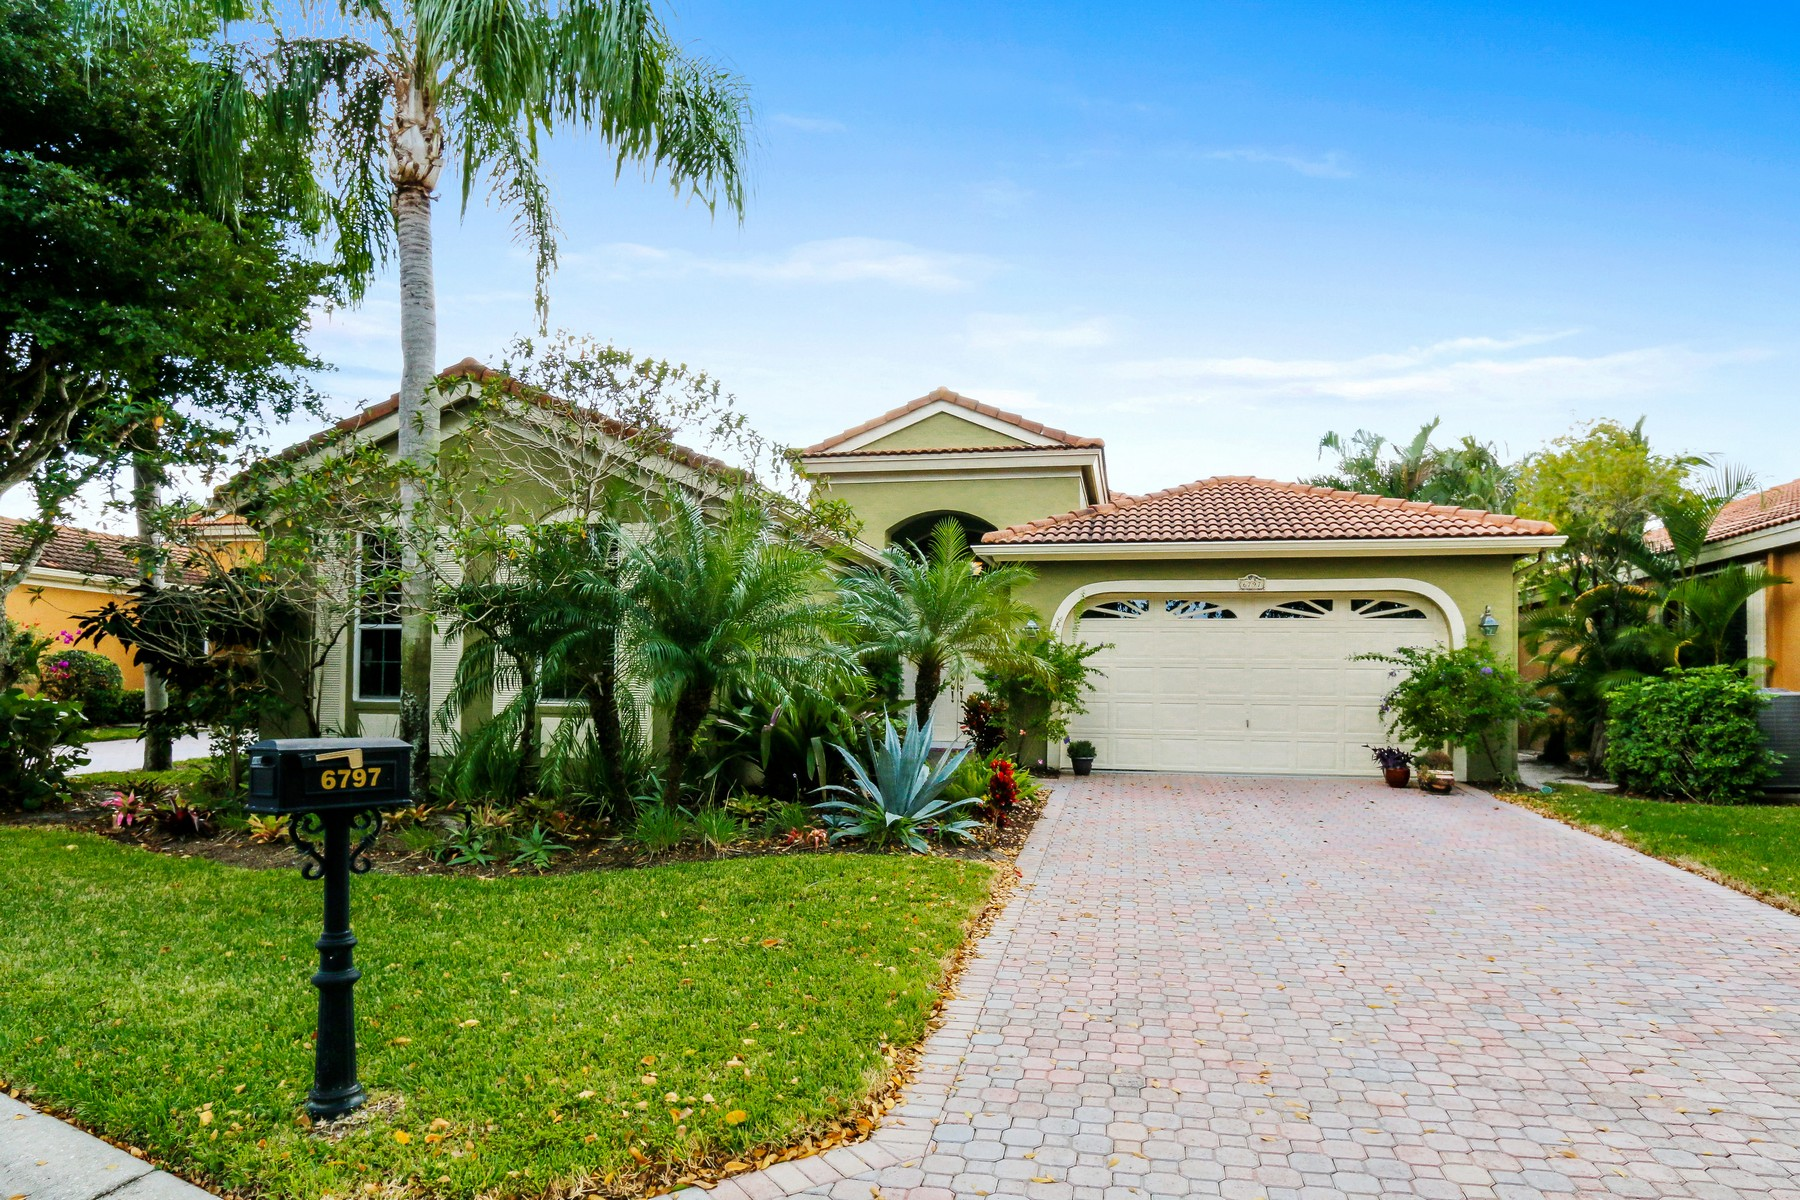 Casa Unifamiliar por un Venta en 6797 Portside Dr , Boca Raton, FL 33496 6797 Portside Dr Boca Raton, Florida, 33496 Estados Unidos